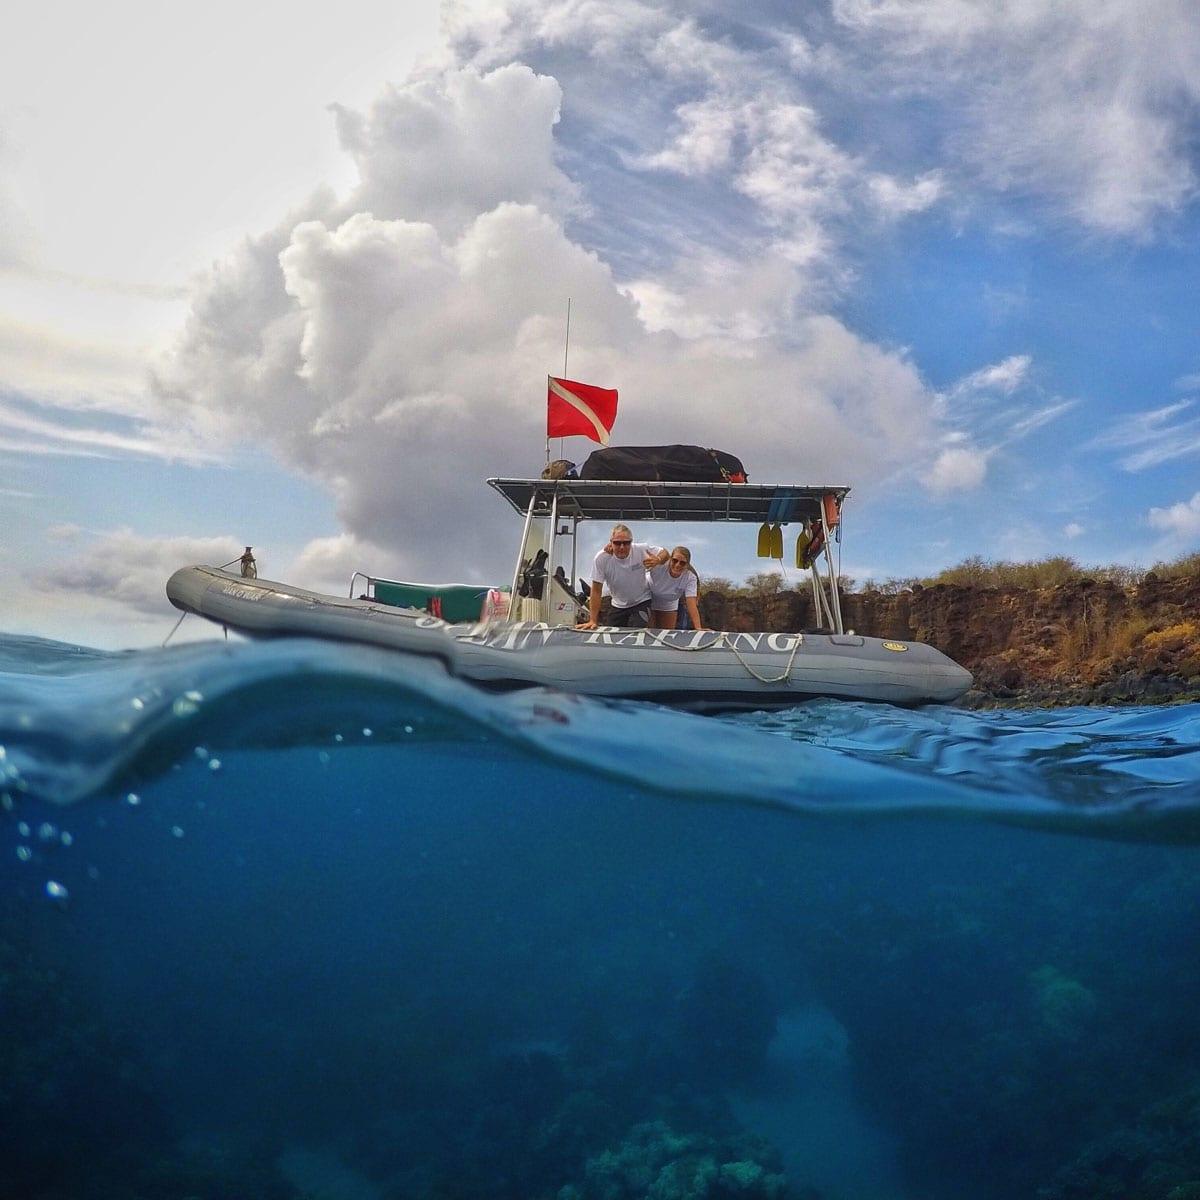 Hawaii Ocean Rafting – Whale Watch by Raft